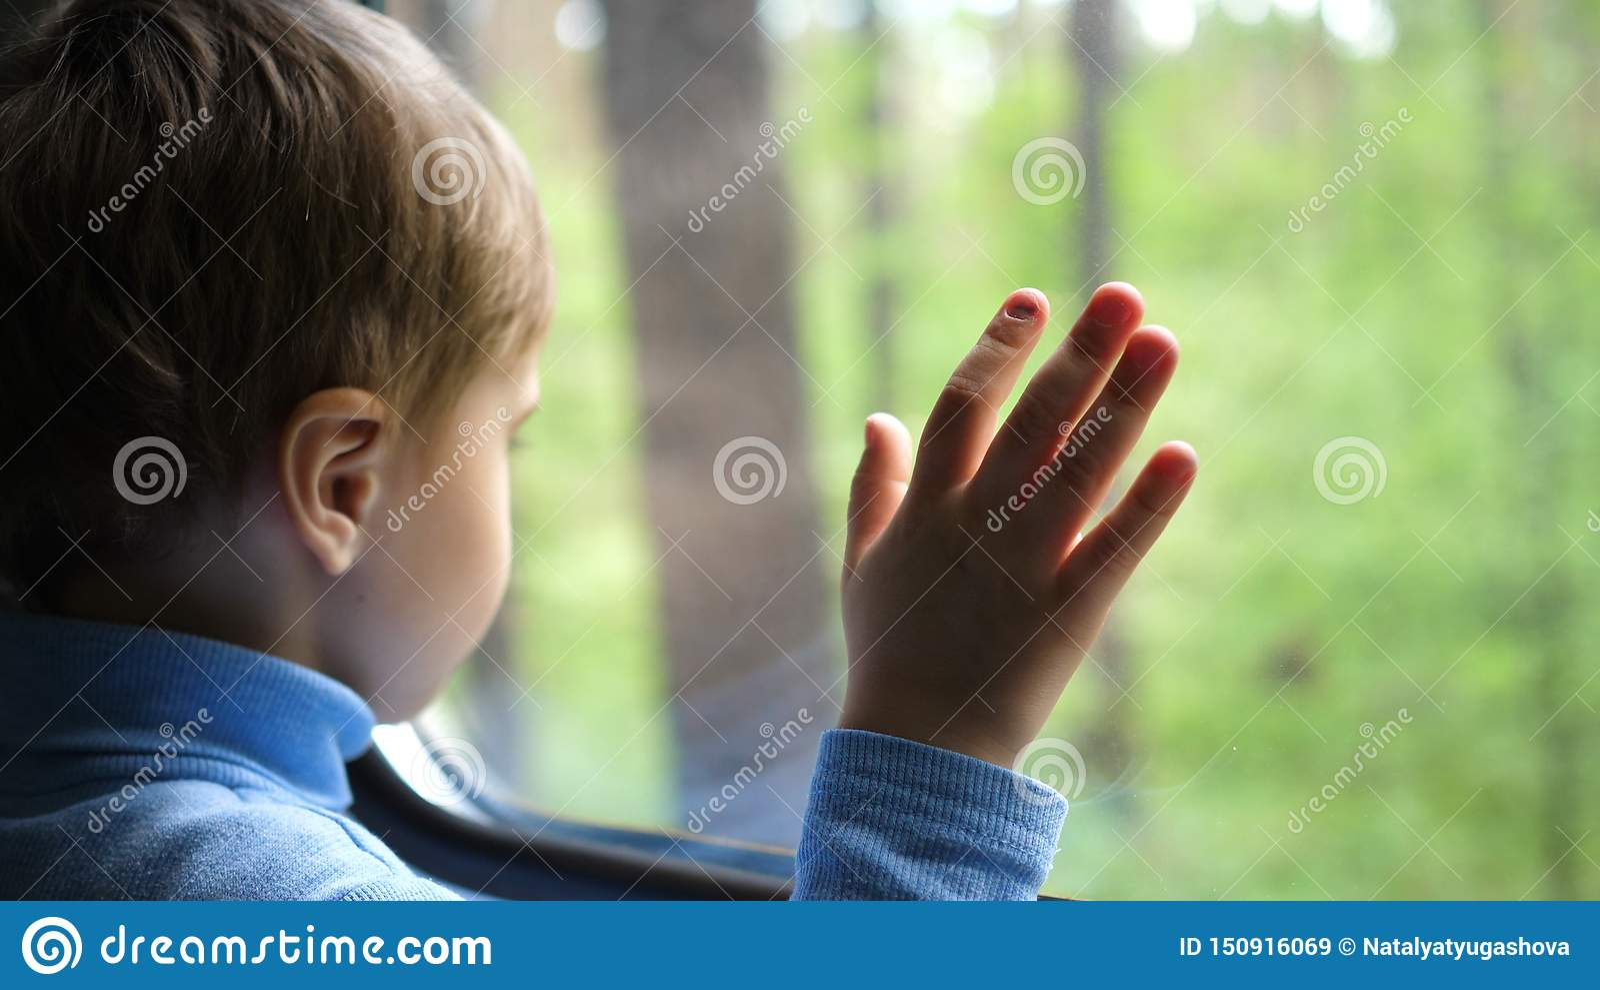 Le garçon voyage par chemin de fer et regarde la fenêtre, observant les objets mobiles en dehors de la fenêtre Plan rapproch? de